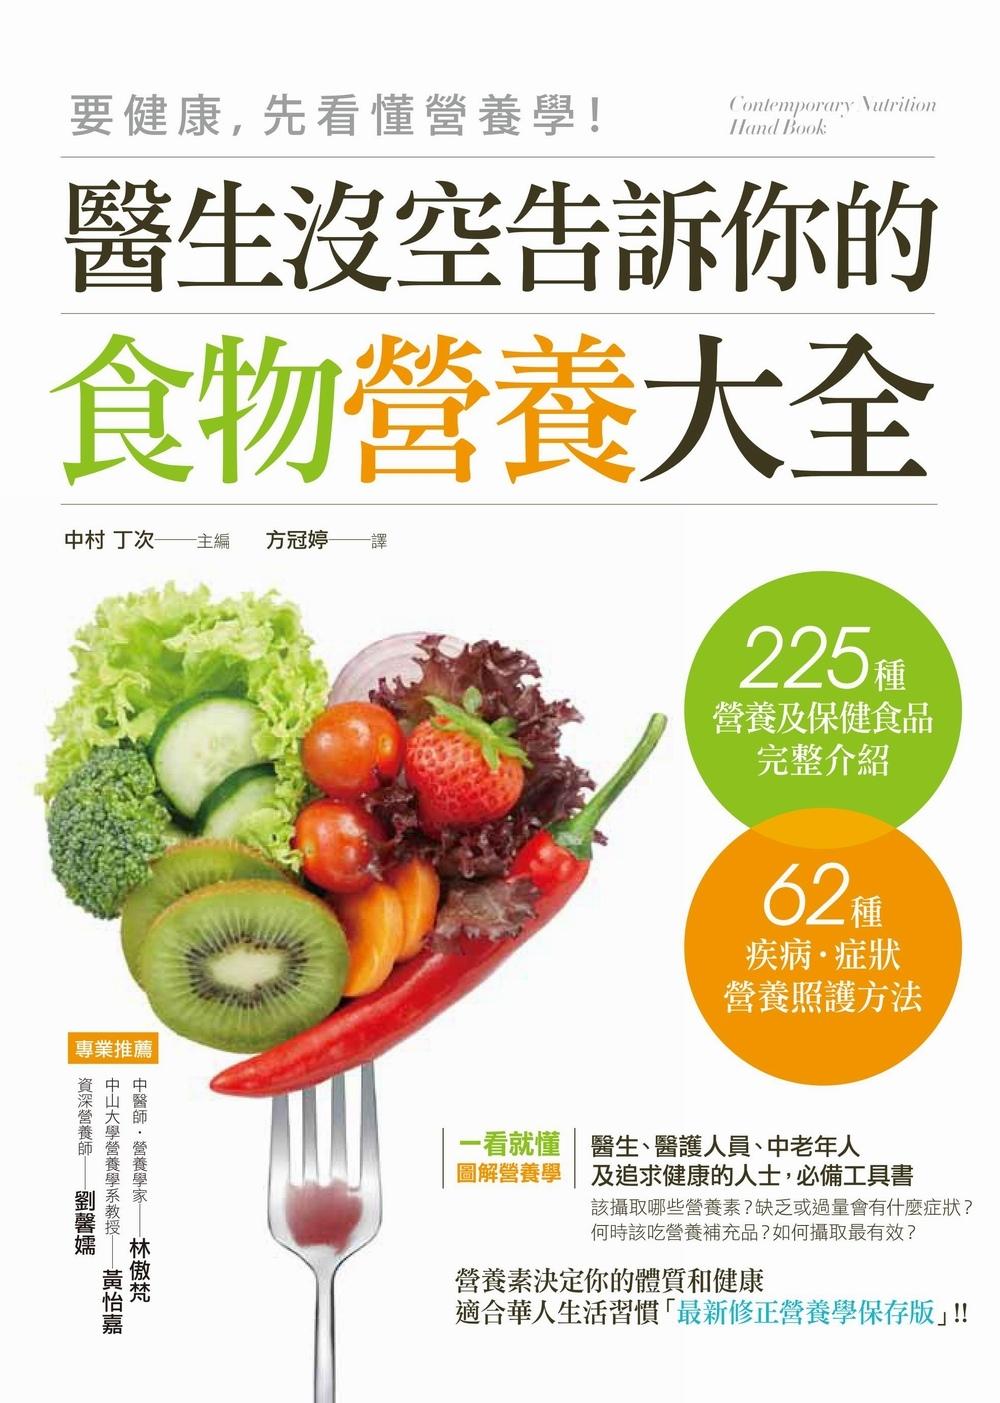 要健康,先看懂營養學!:醫生沒空告訴你的食物營養大全